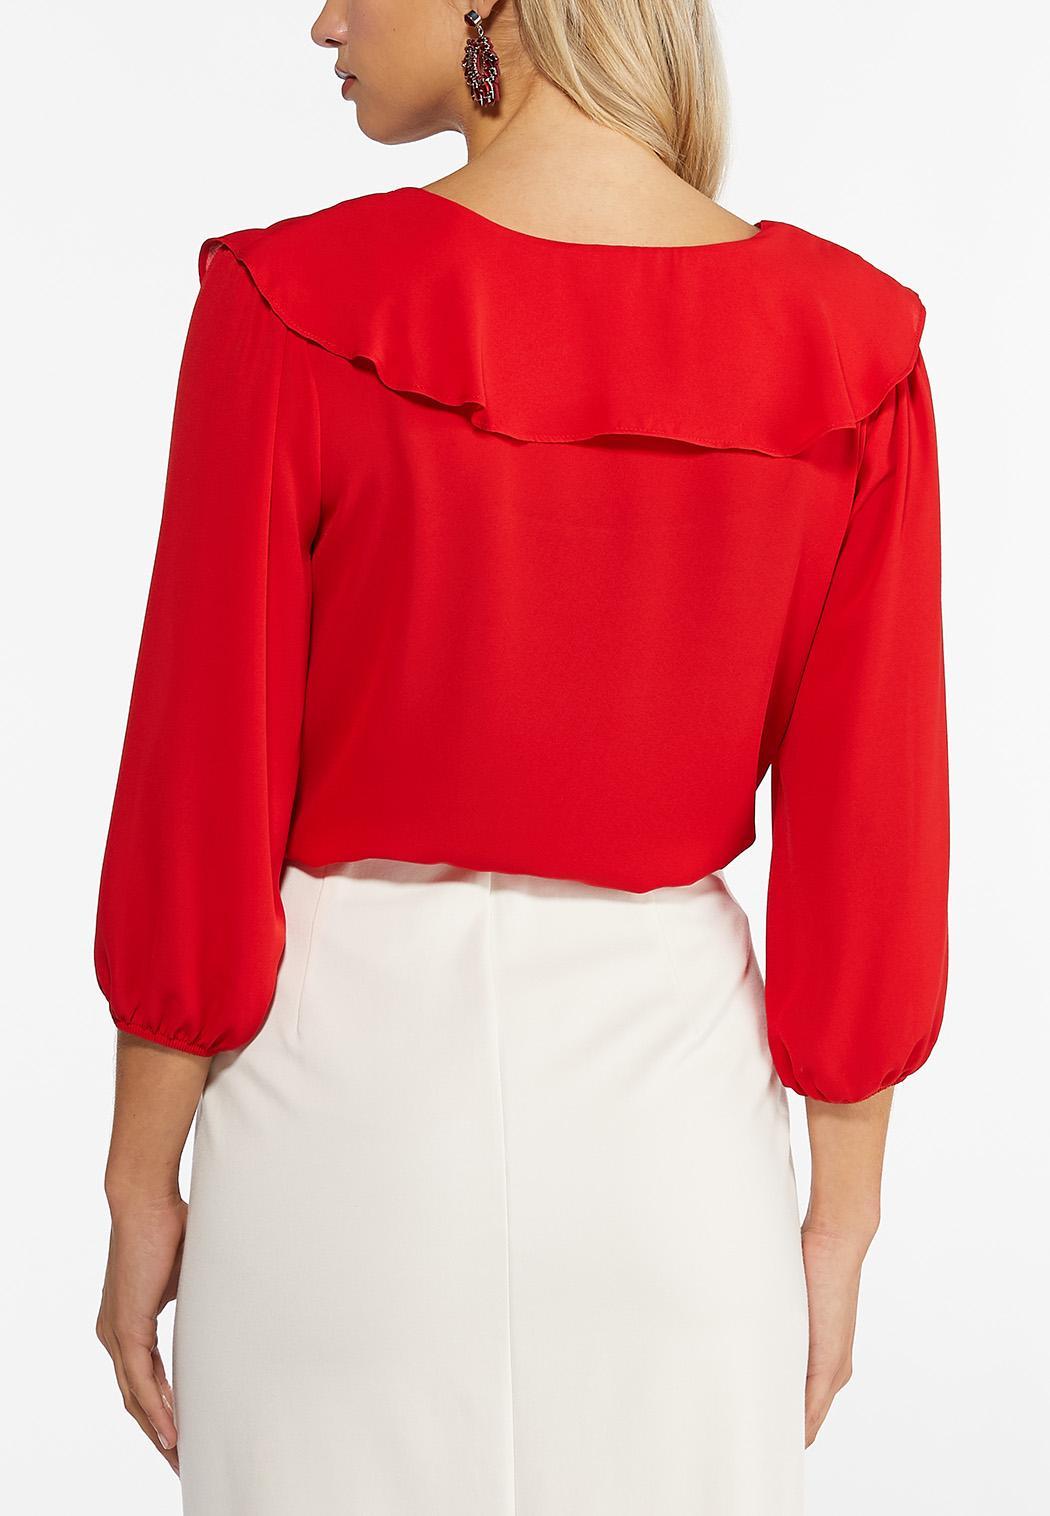 Red Ruffled Top (Item #44459382)